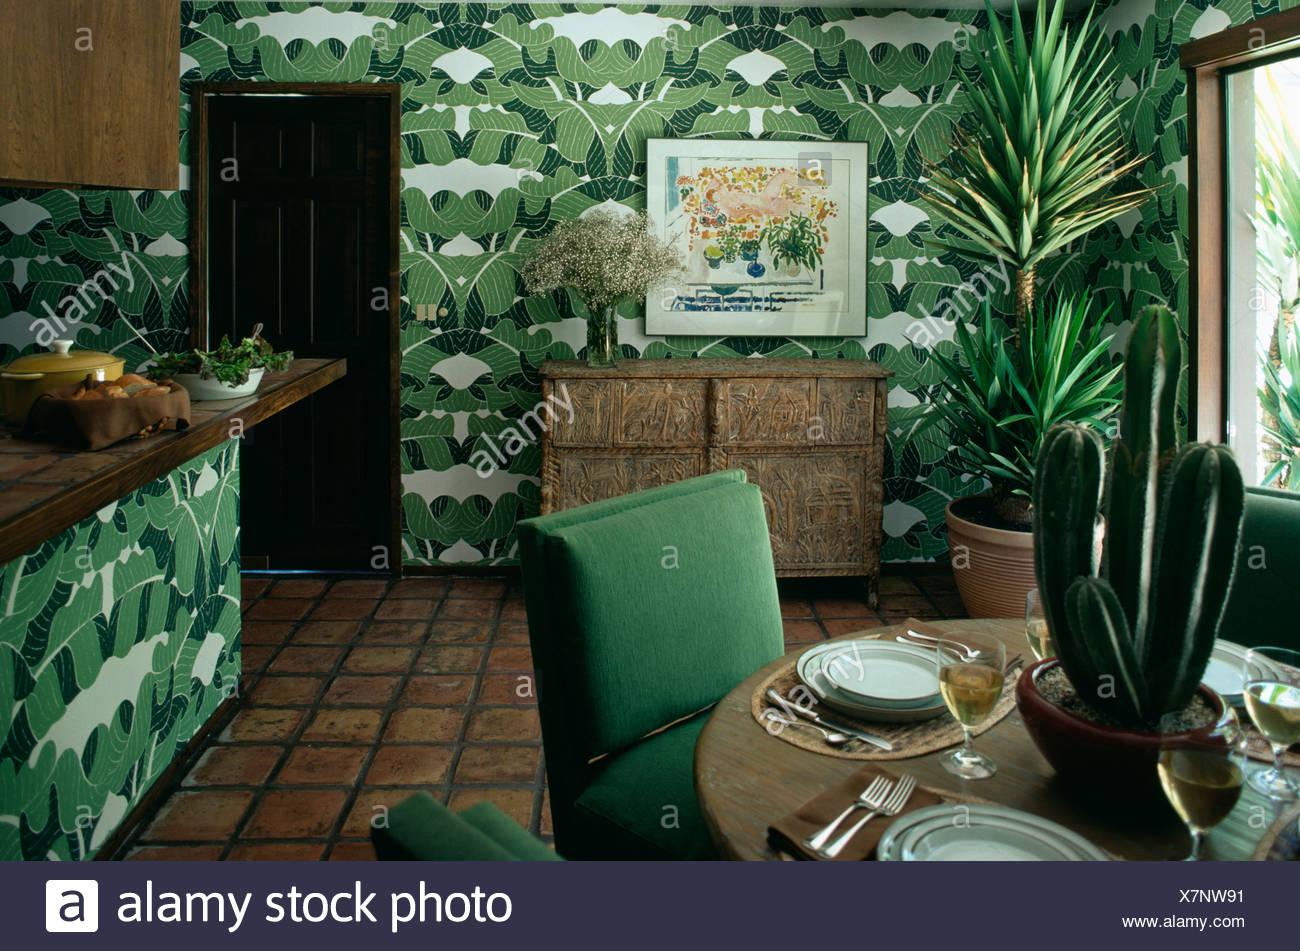 Tropical Vert Feuille Papier Peint En Salle à Manger Avec Table Sur